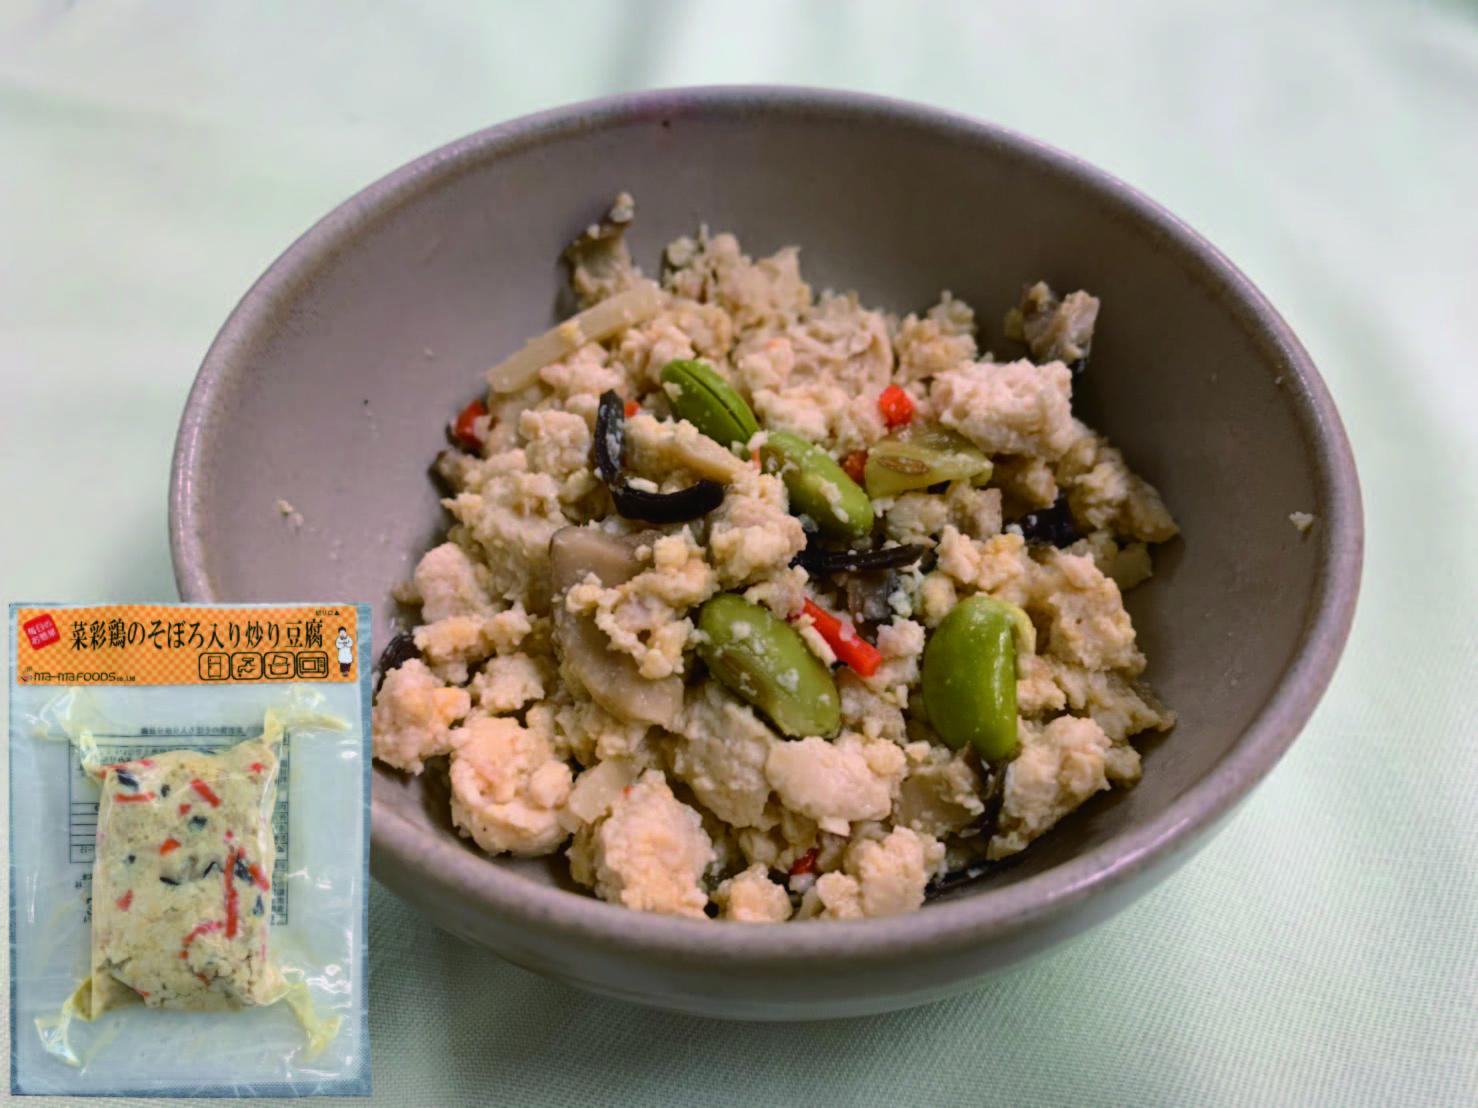 菜彩鶏のそぼろ入り炒り豆腐